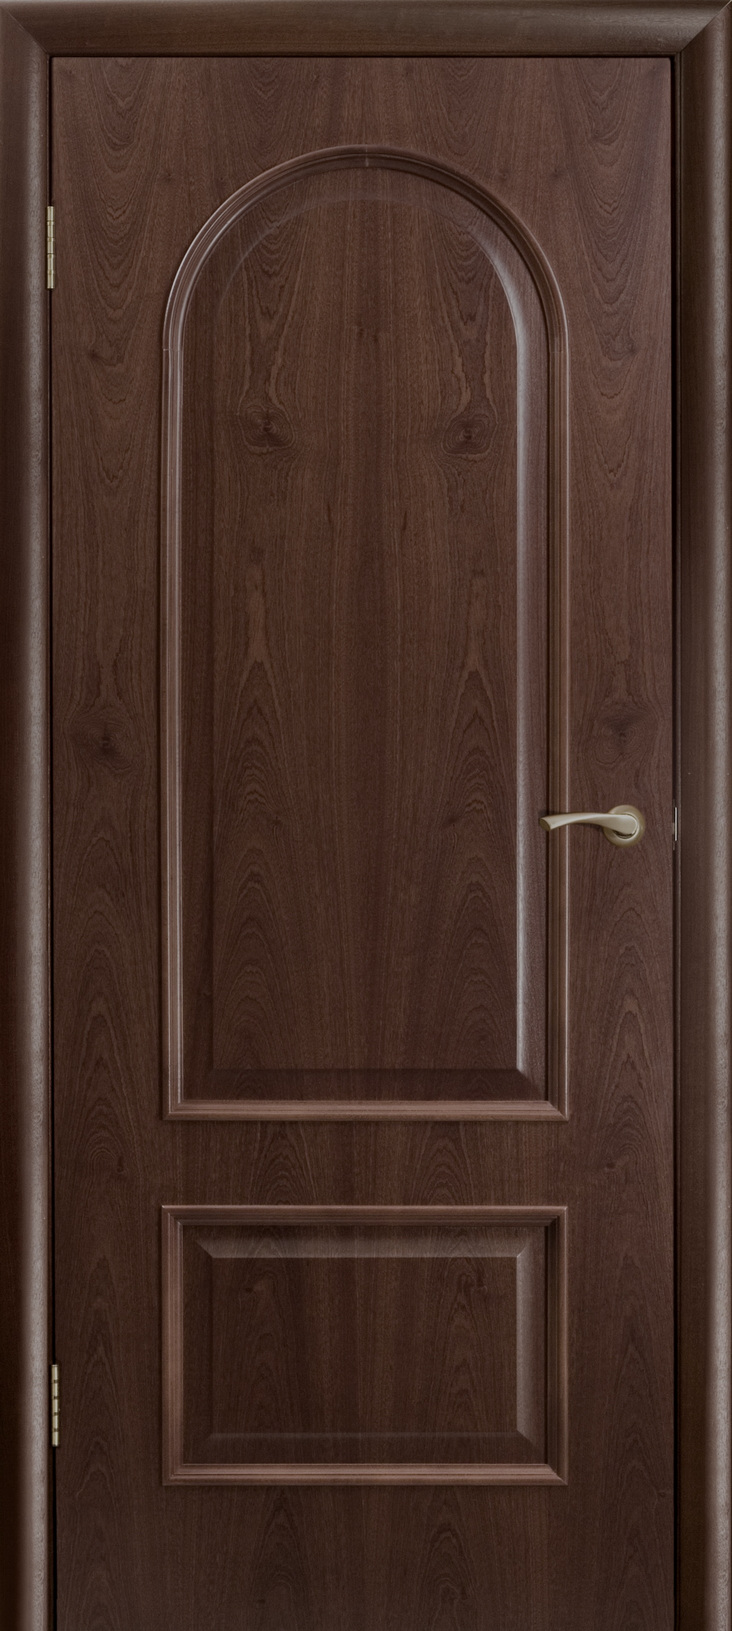 Door Png Image Wood Doors Interior Doors Windows And Doors